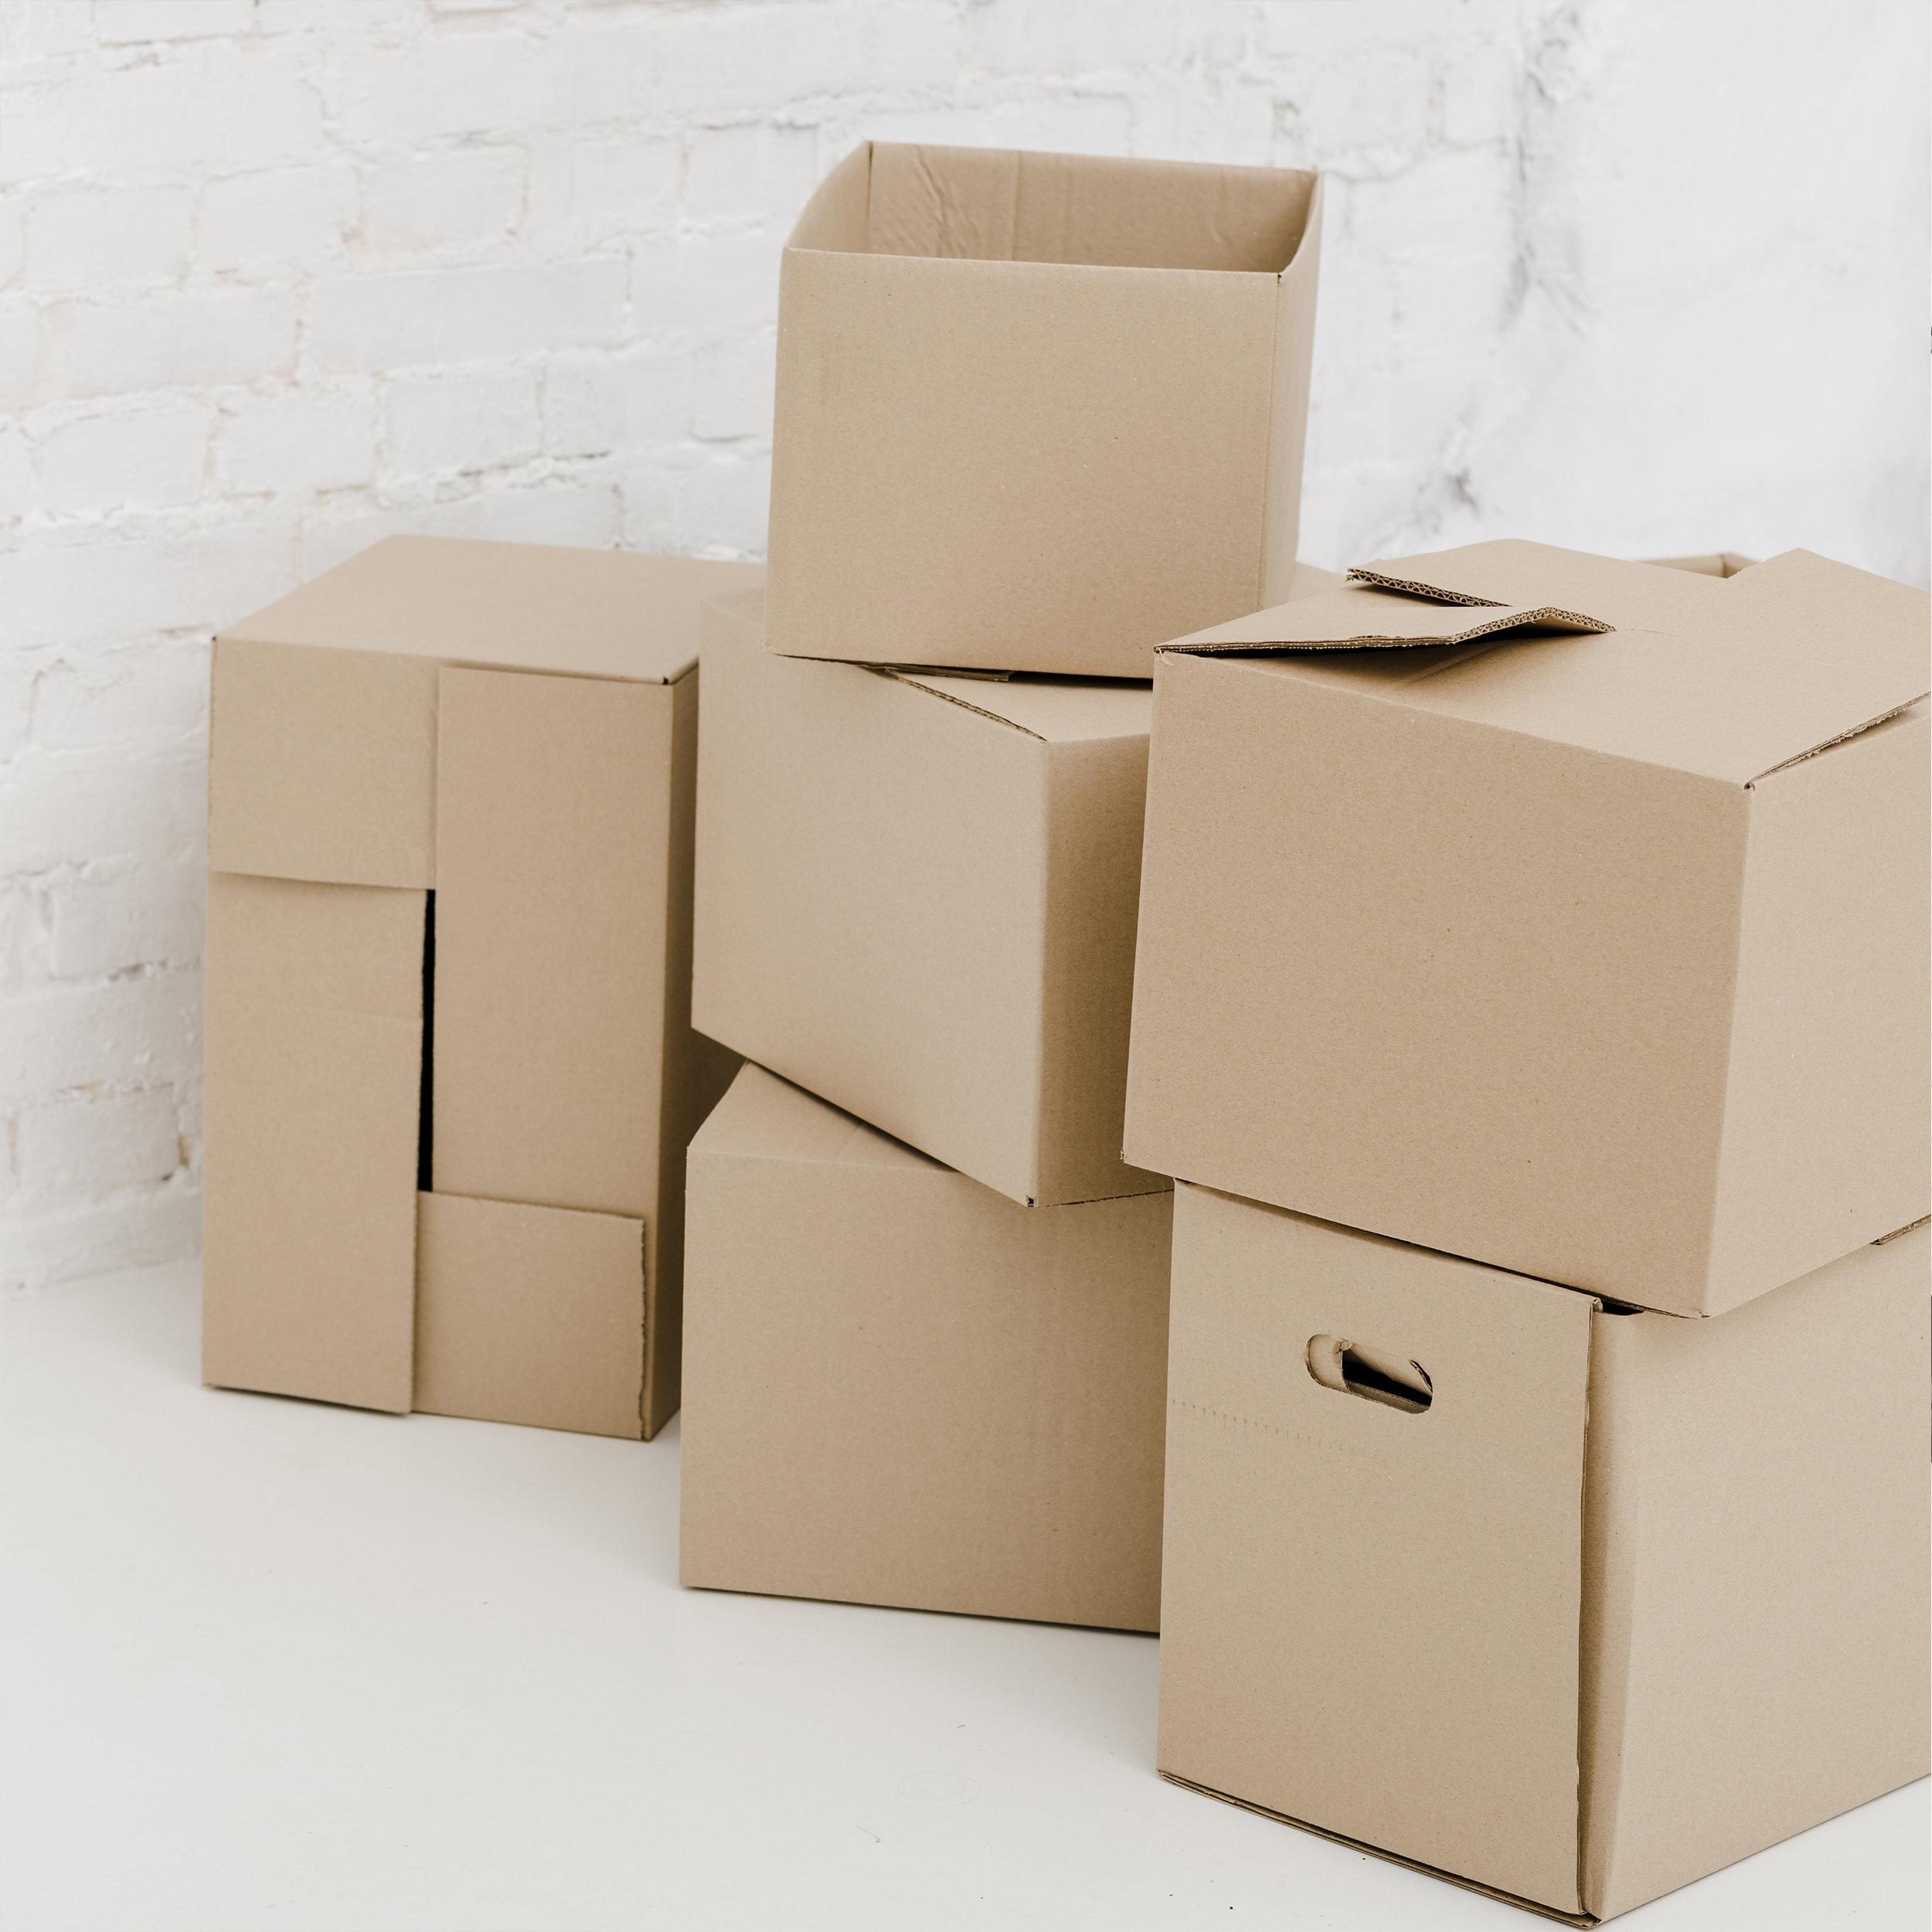  переезд - Мы поможем расставить все предметы по новому организационному плану в новом доме.